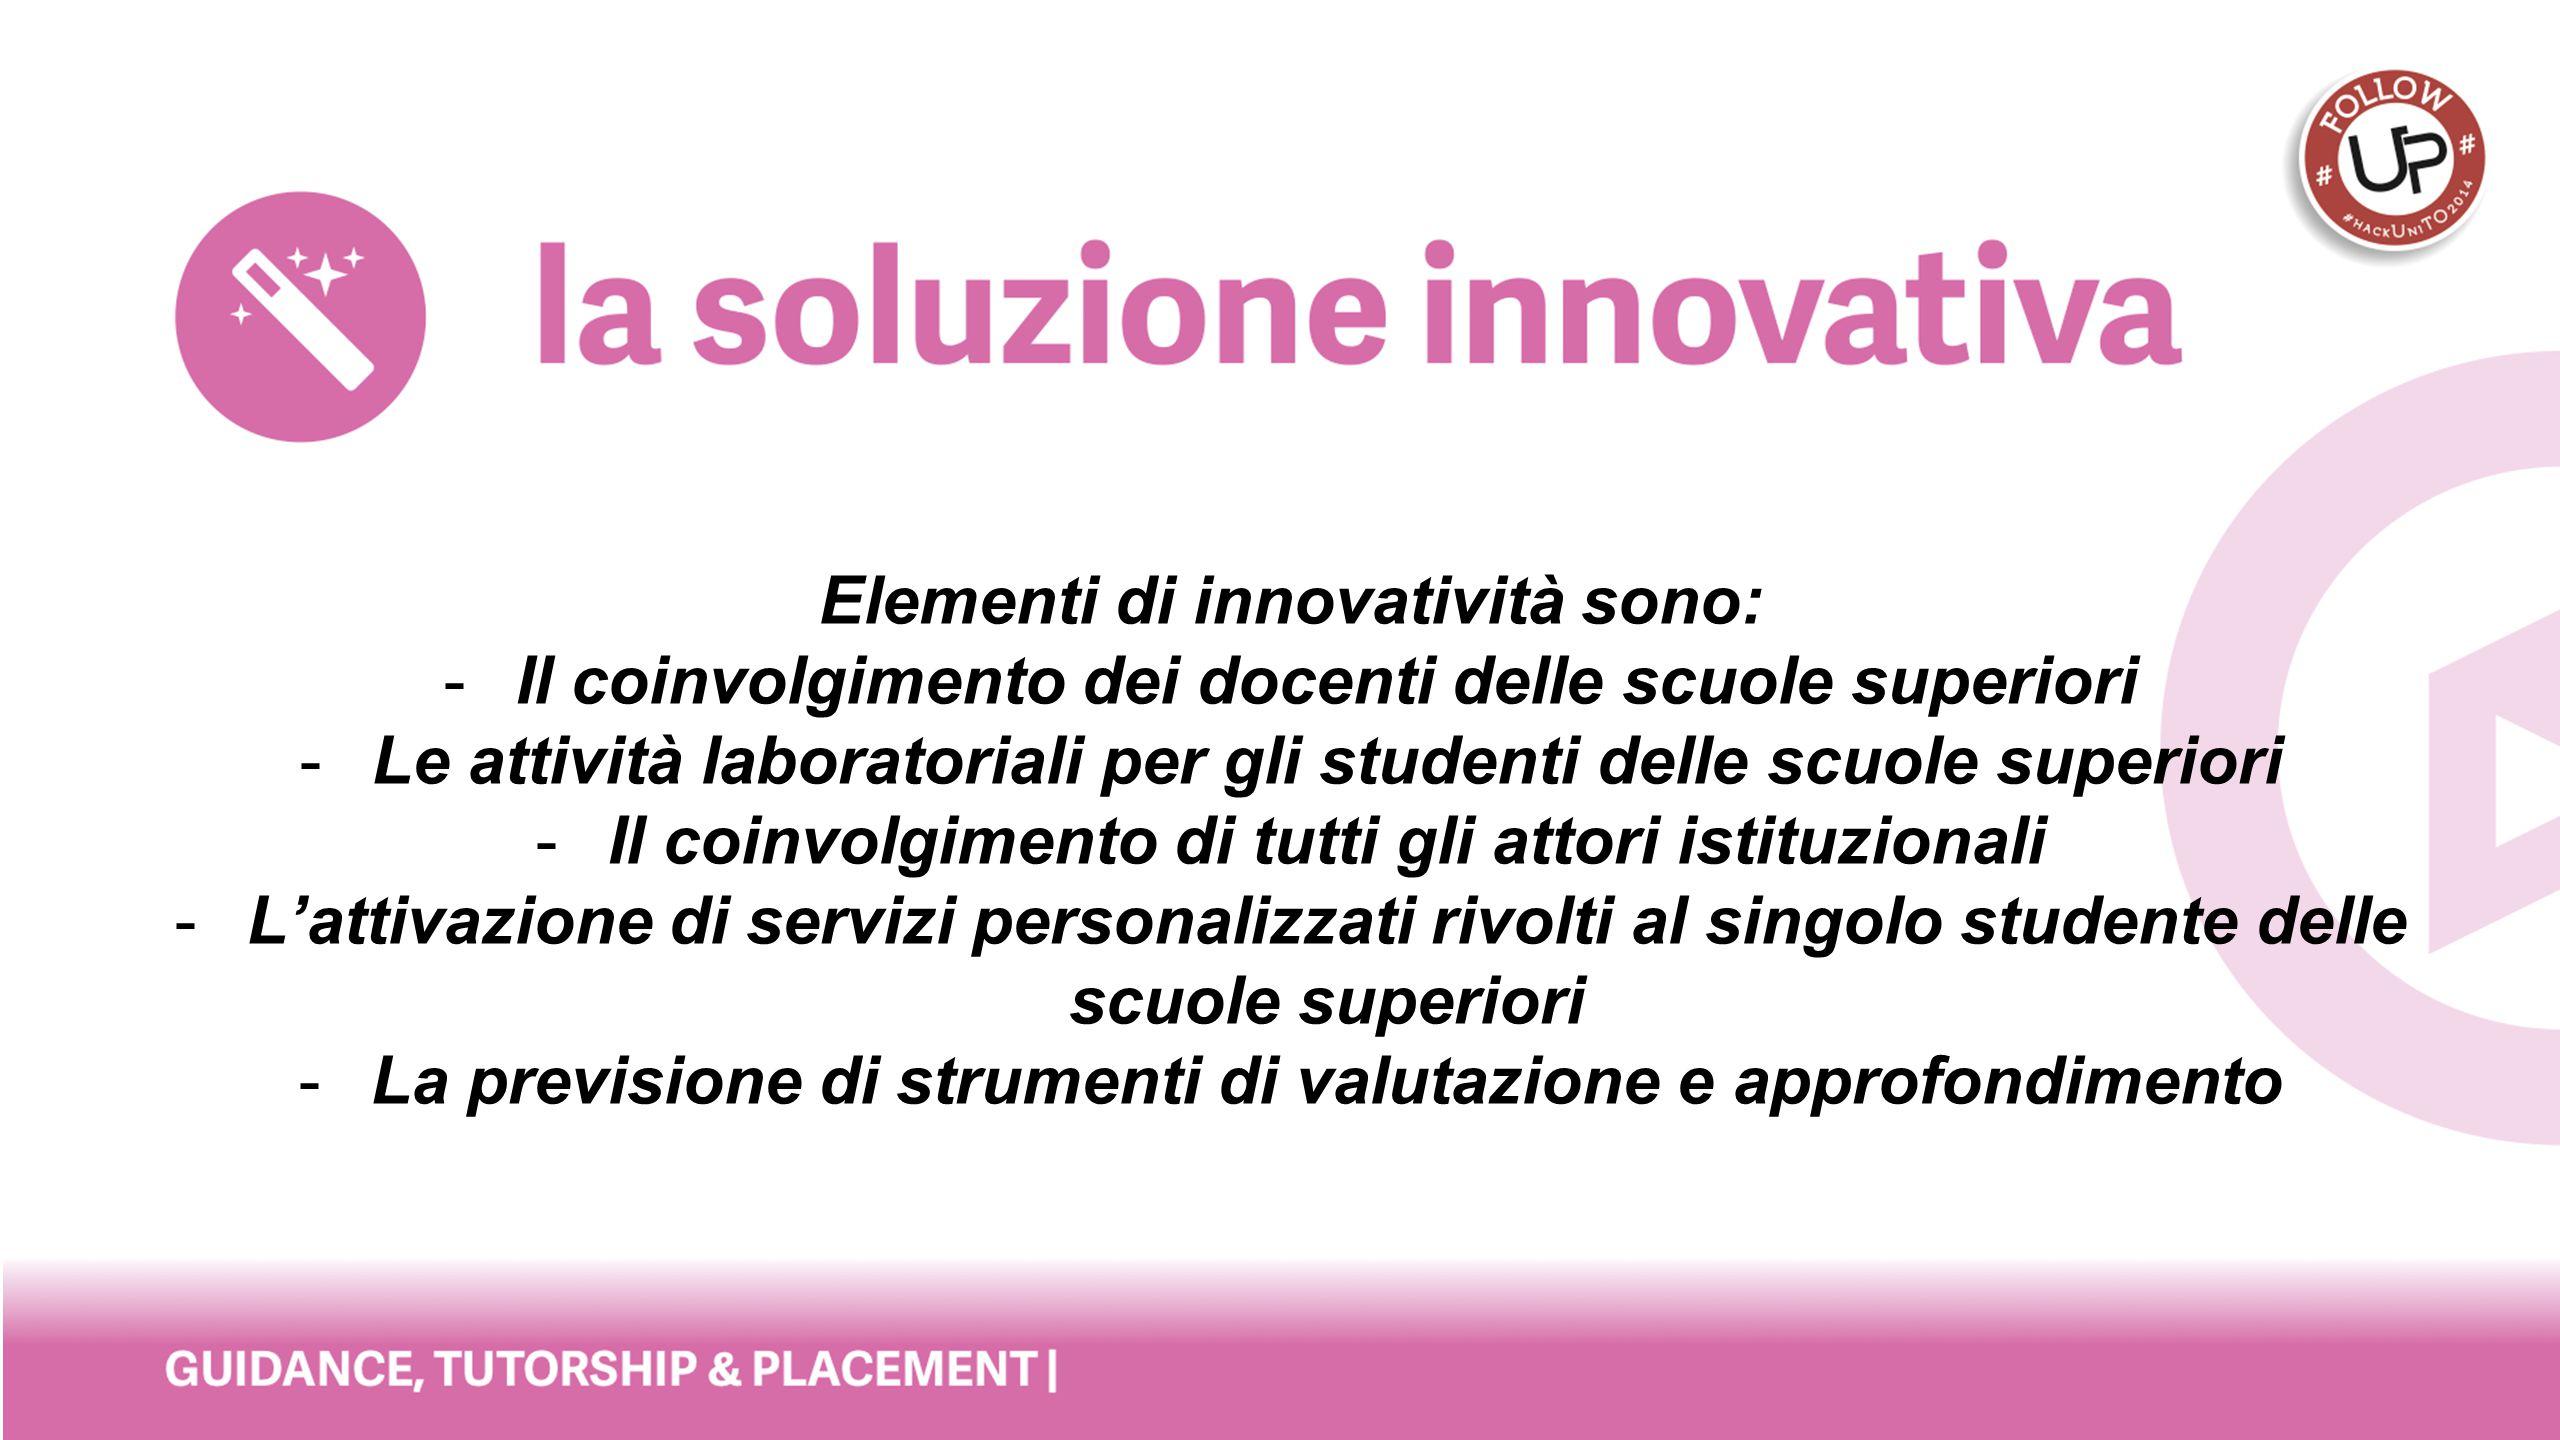 Il progetto è rivolto all'Università degli Studi e agli studenti delle scuole superiori della Regione Piemonte.